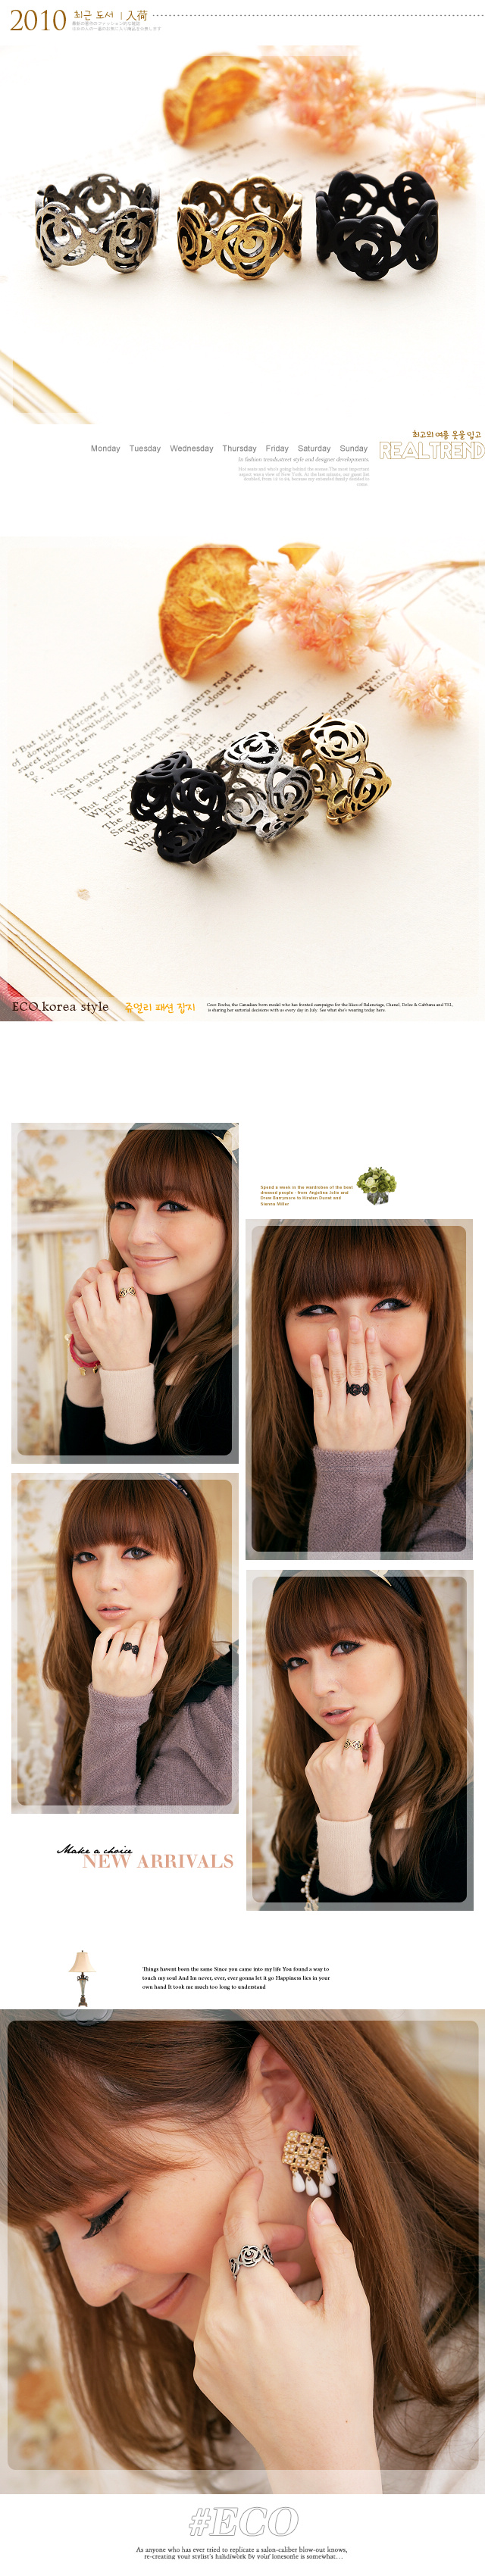 蝴蝶結戒指,珍珠戒指,戒指,韓國戒指,韓國製戒指,韓國飾品